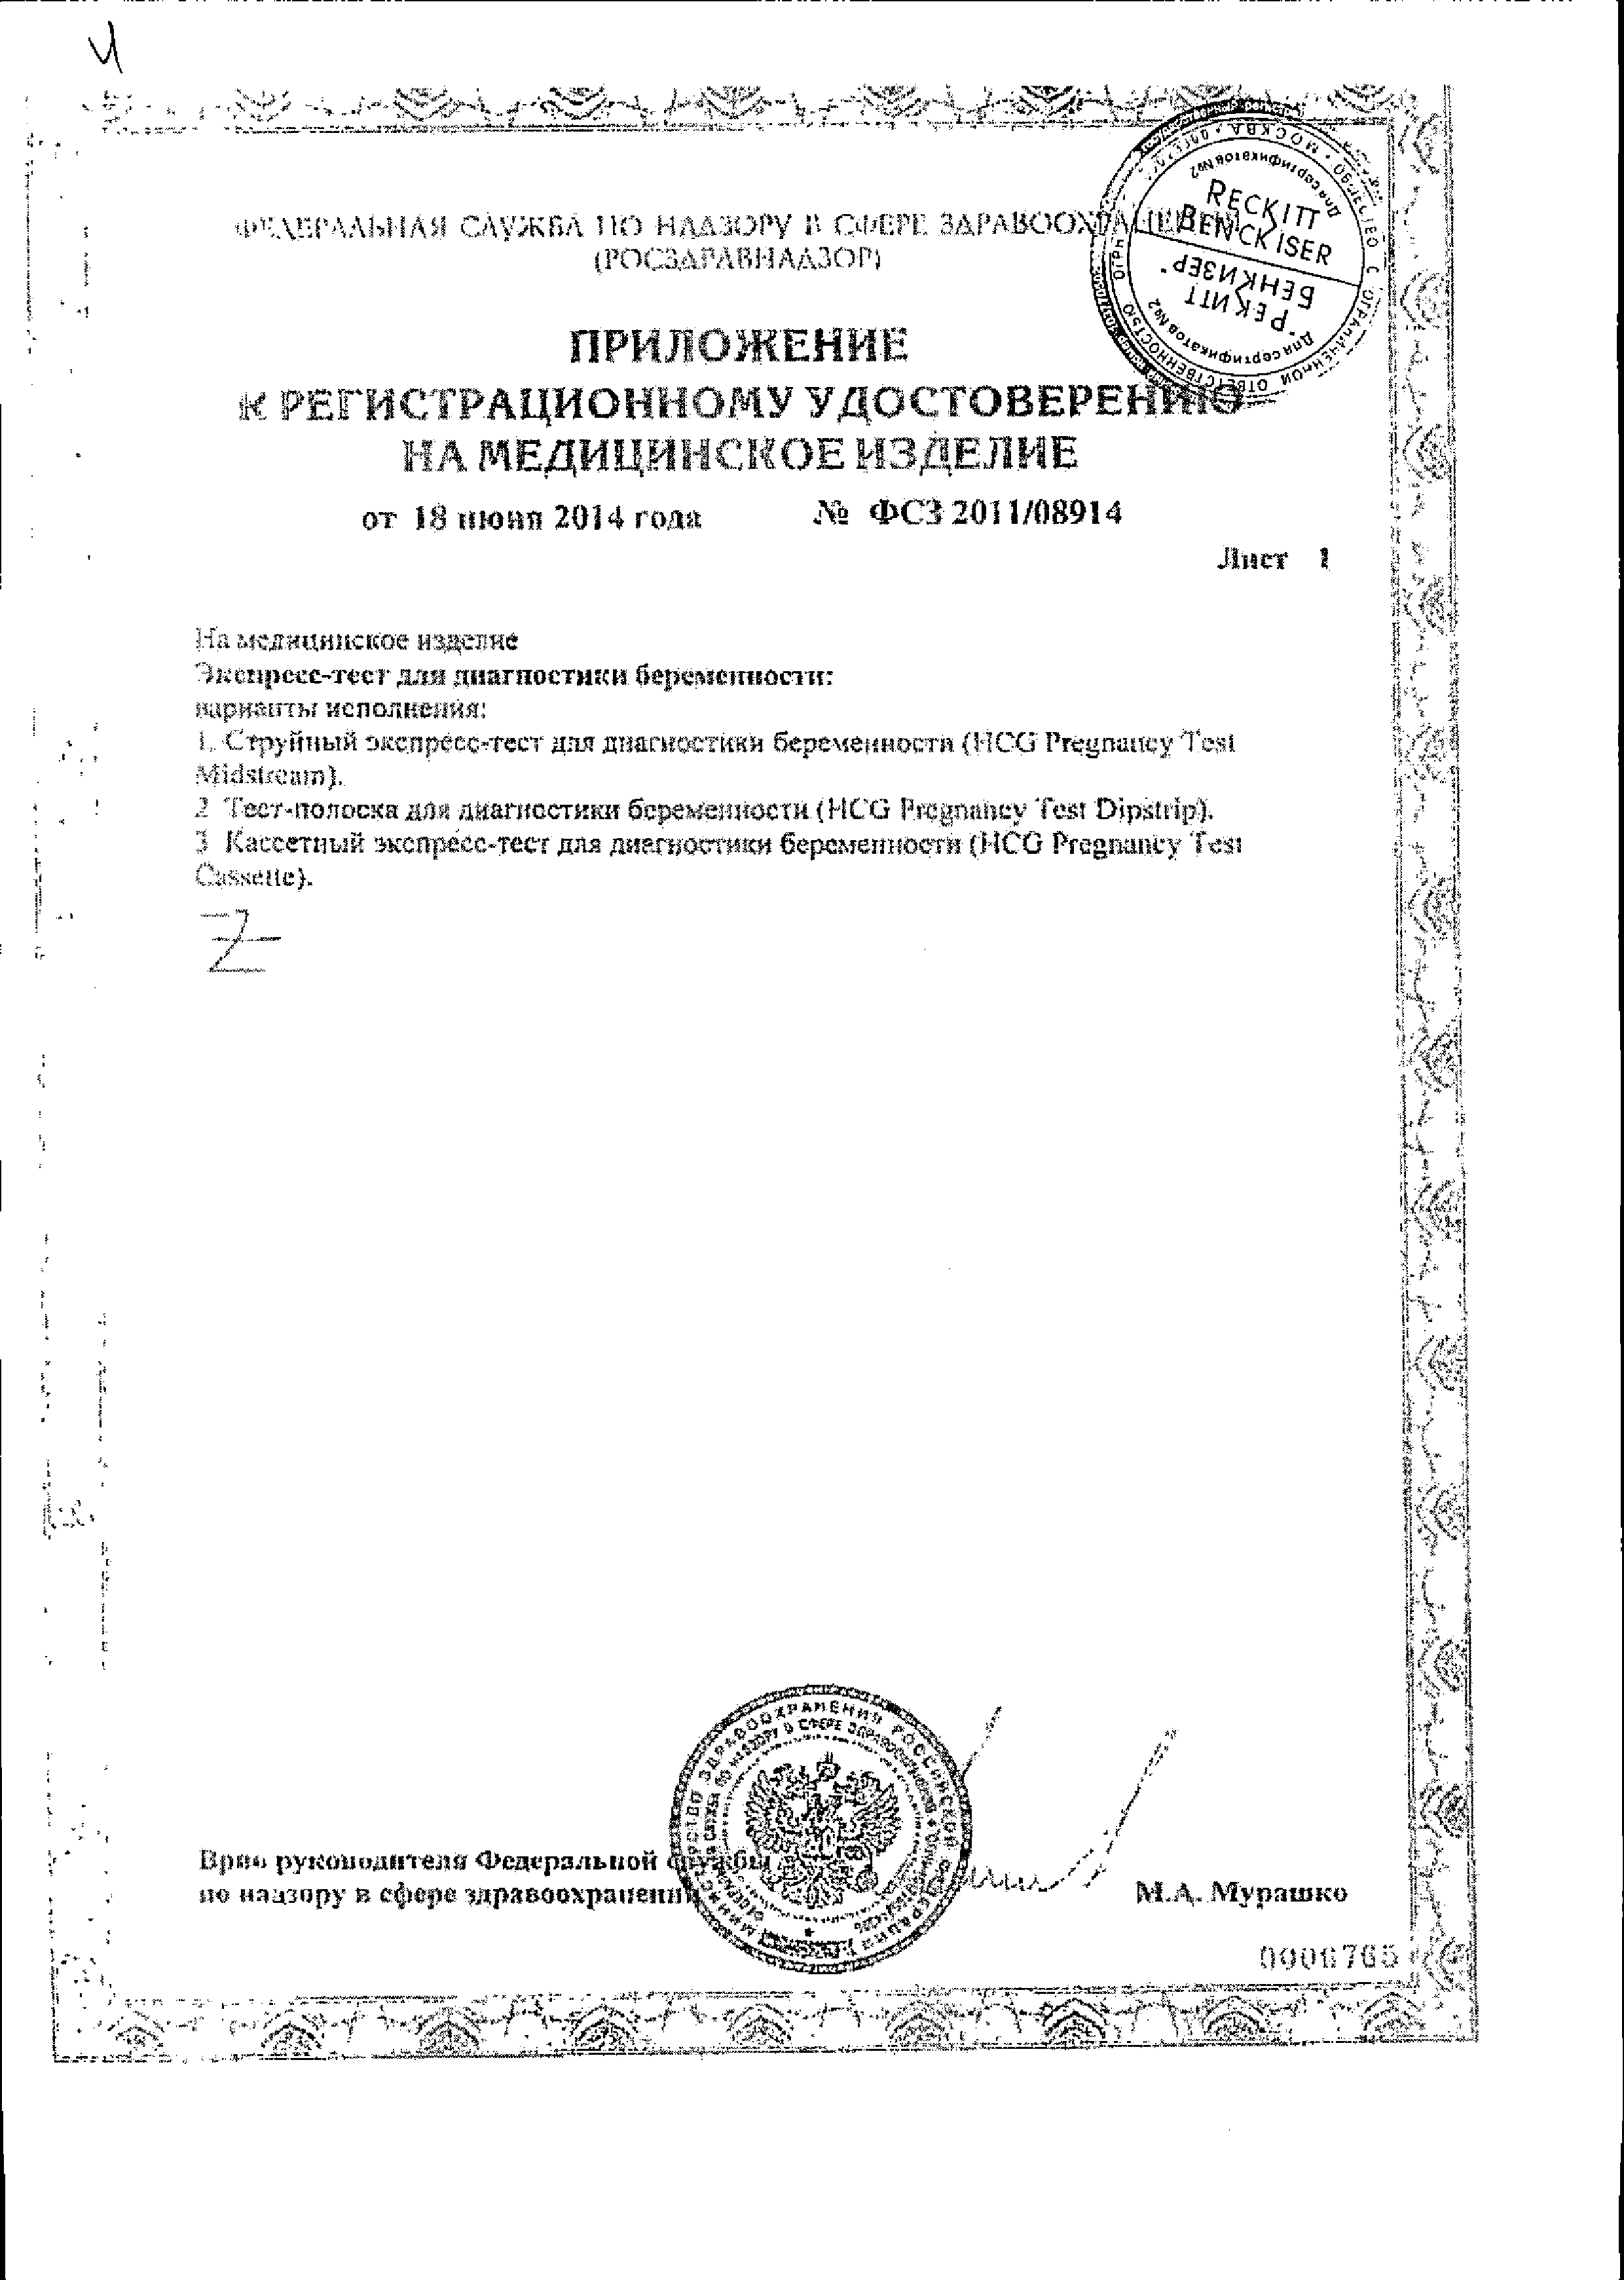 Attest Тест на беременность сертификат